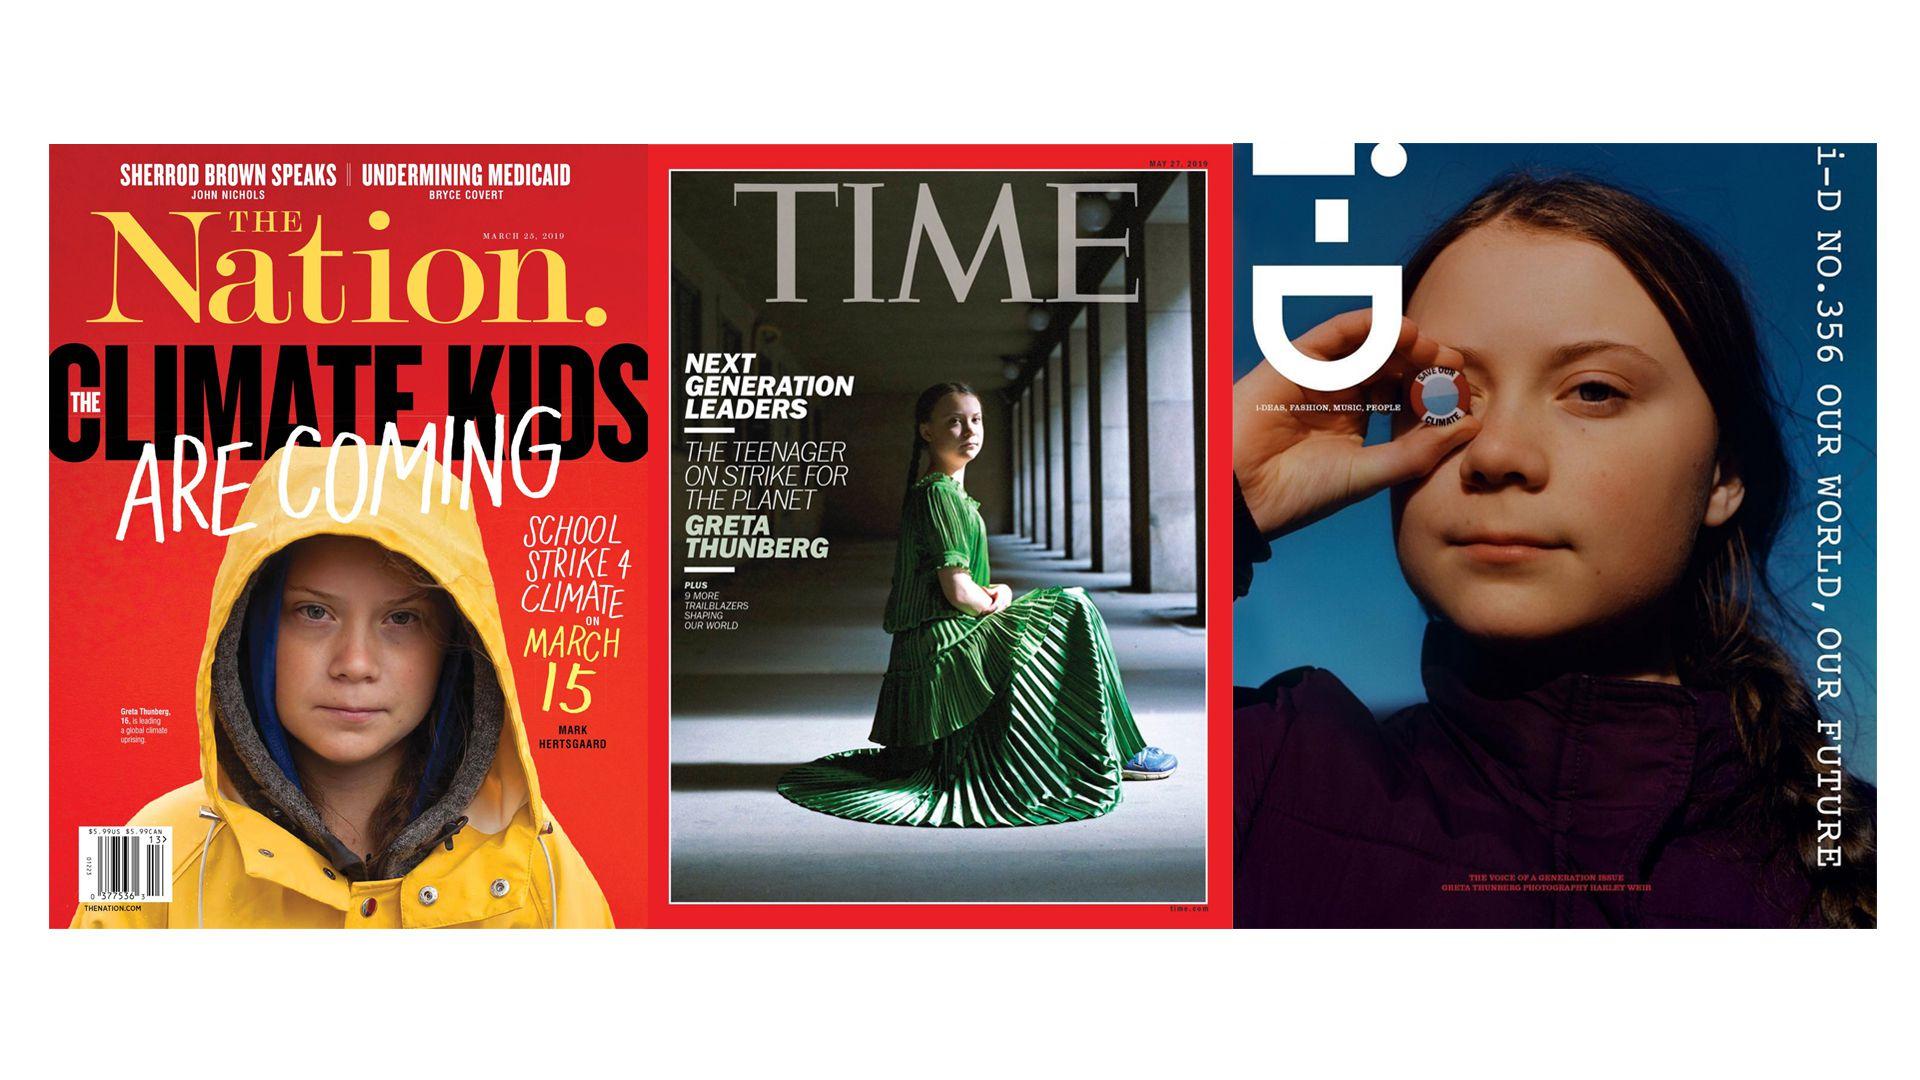 """""""Tenemos que cambiarlo todo y hacerlo ya"""". La voz y el mensaje de Greta Thunberg en primera plana."""